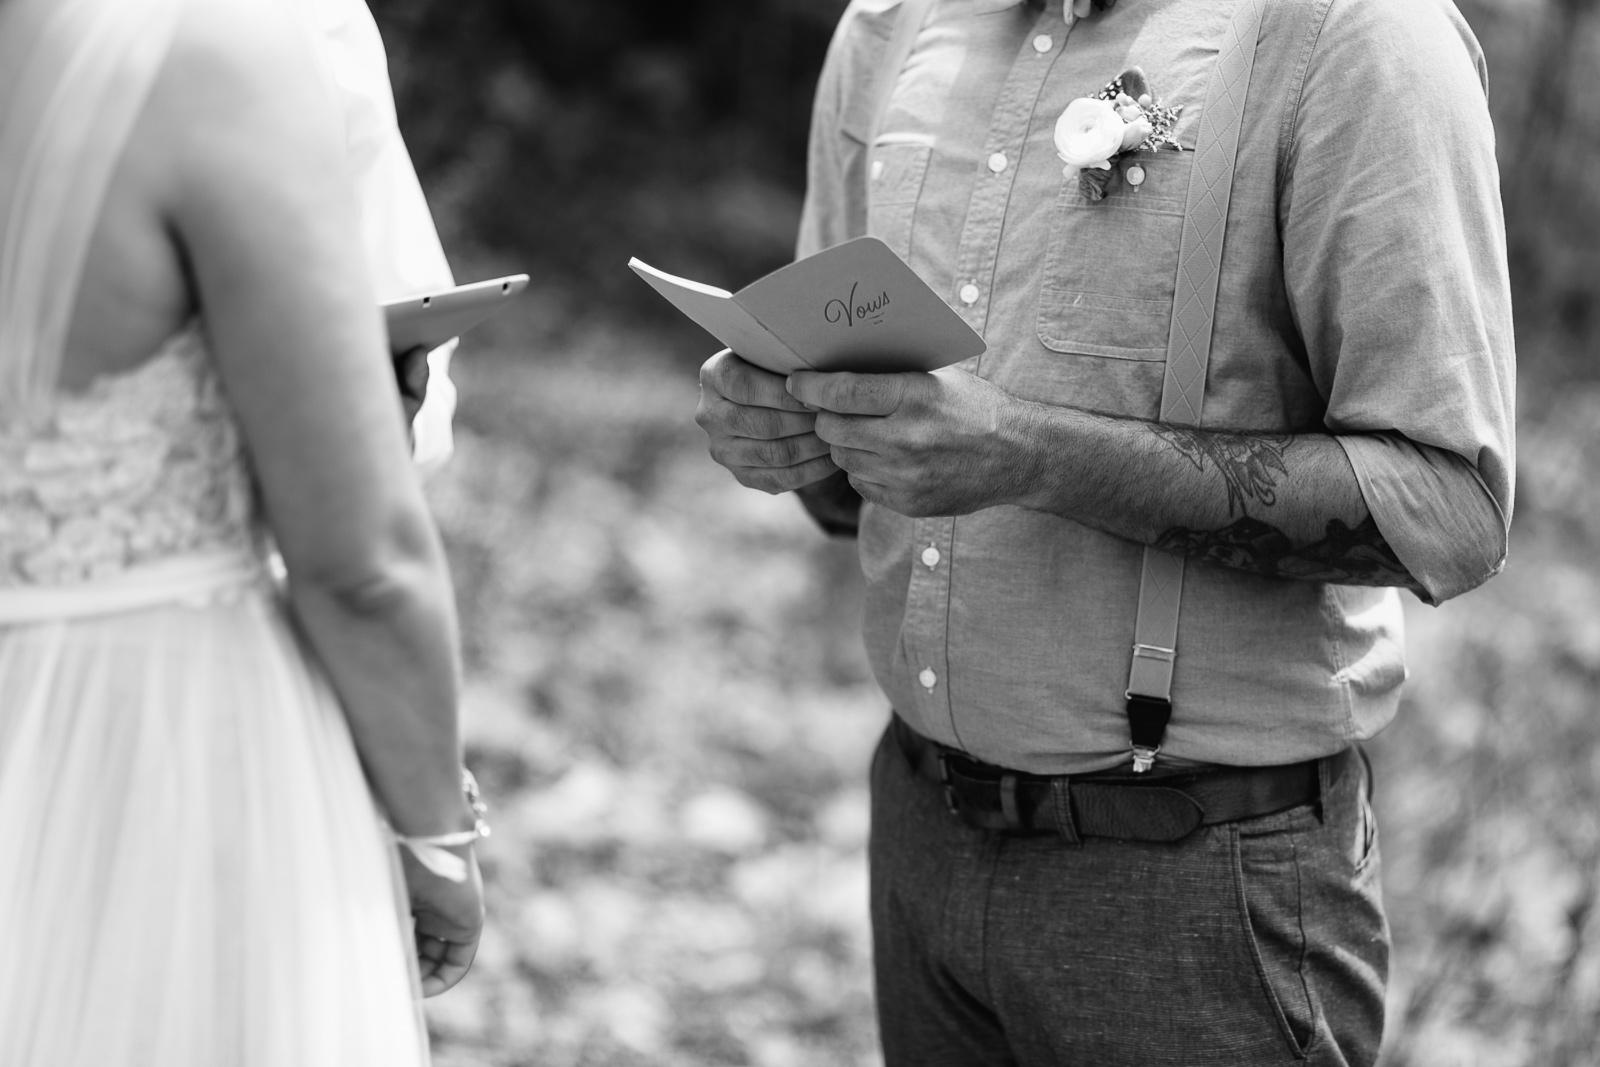 030-vail-elopement-photographer-chris-and-tara.jpg